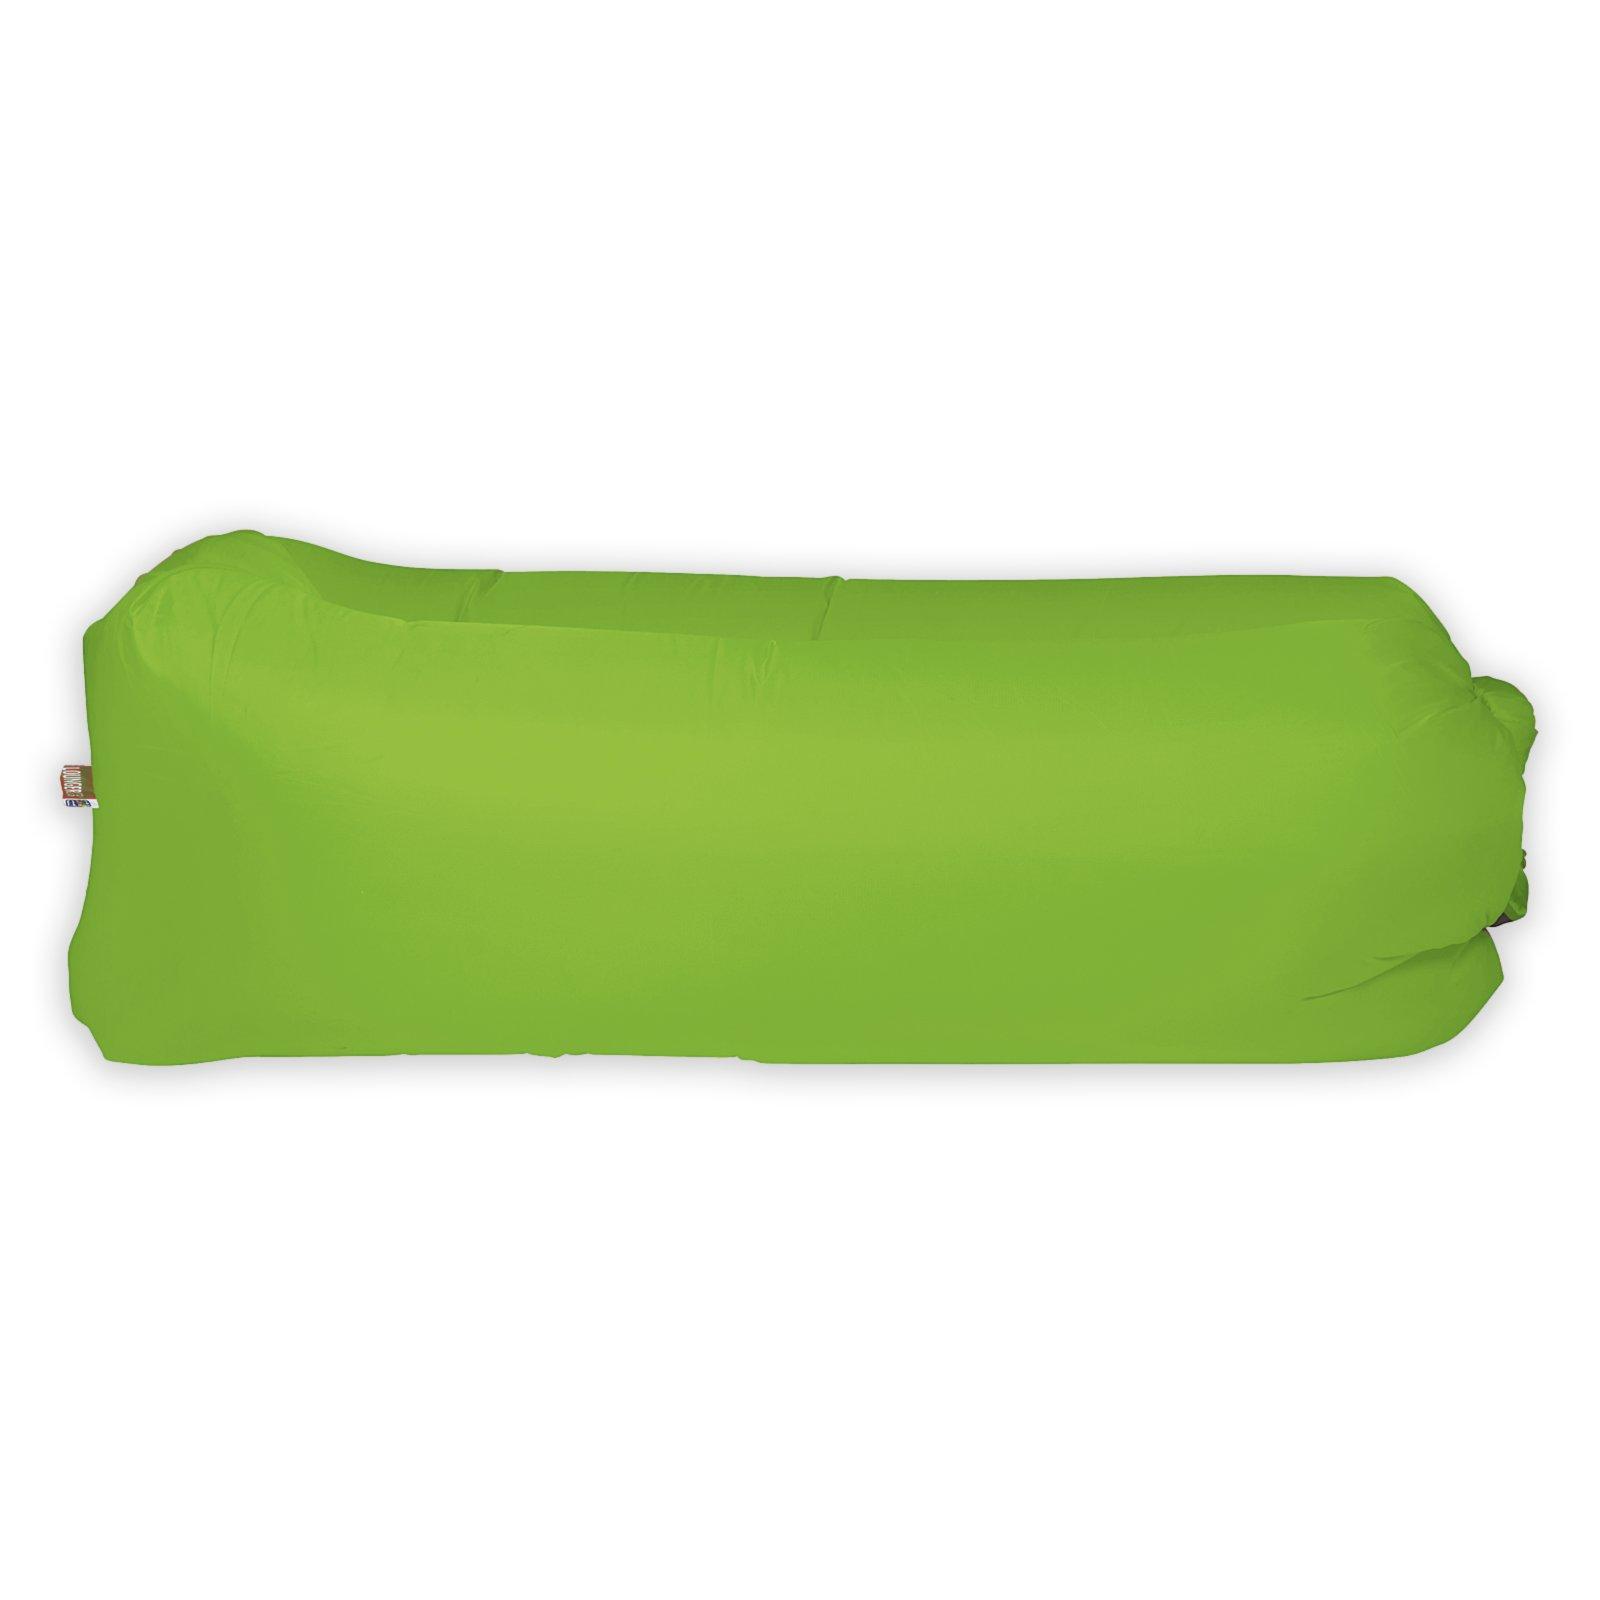 LOUNGER TO GO Luftsofa - grün - mit Tragetasche